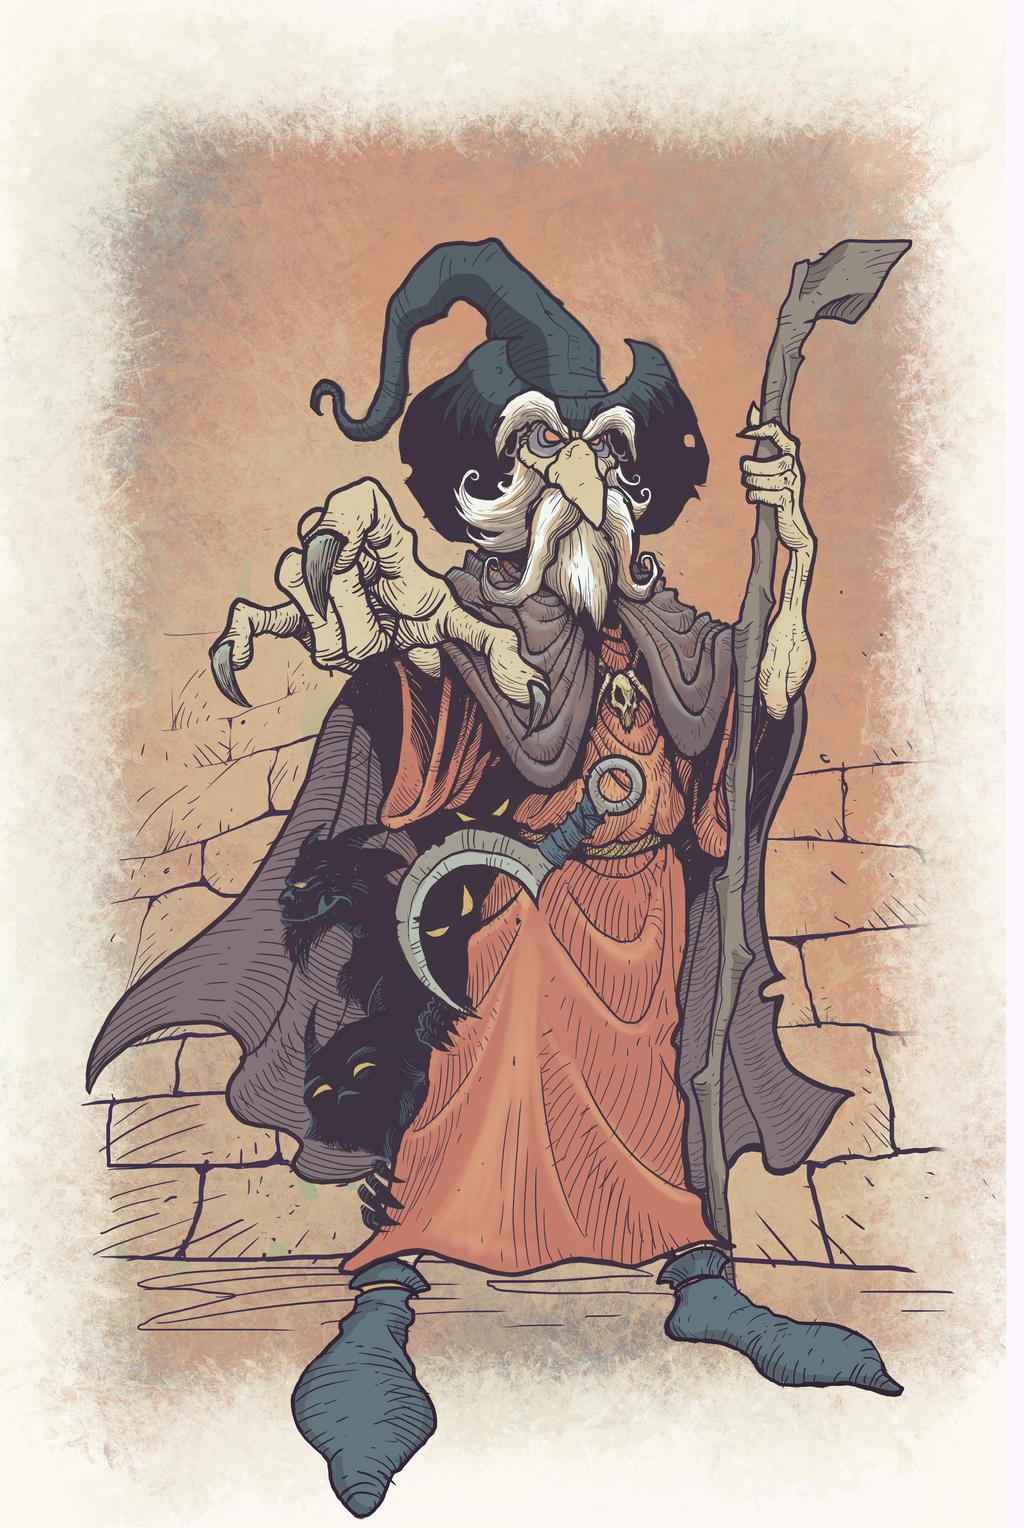 Wizard by BDAROZ